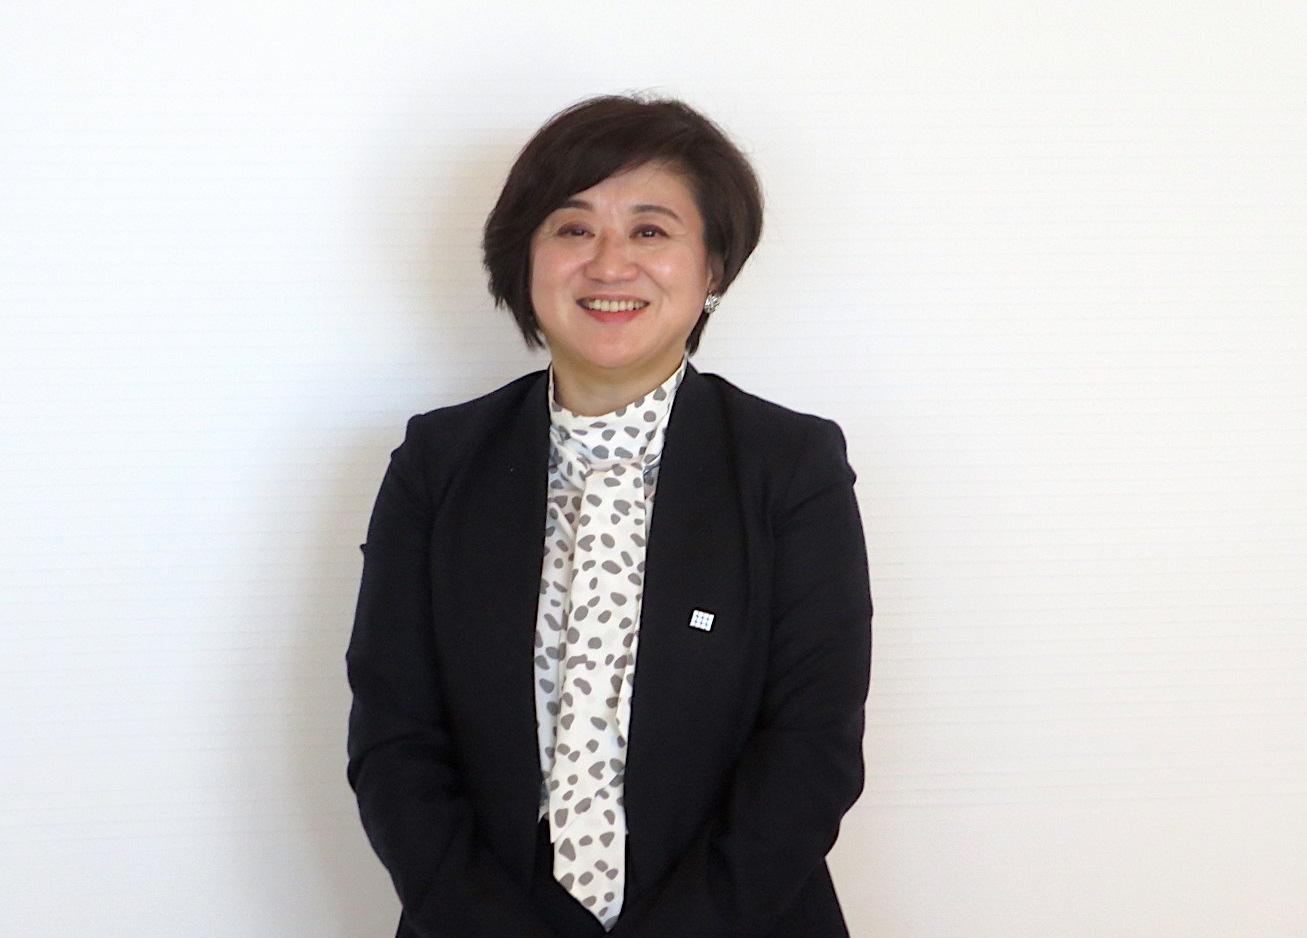 ポーラ・及川美紀新社長インタビュー「意思決定のスピード向上で成長へ」